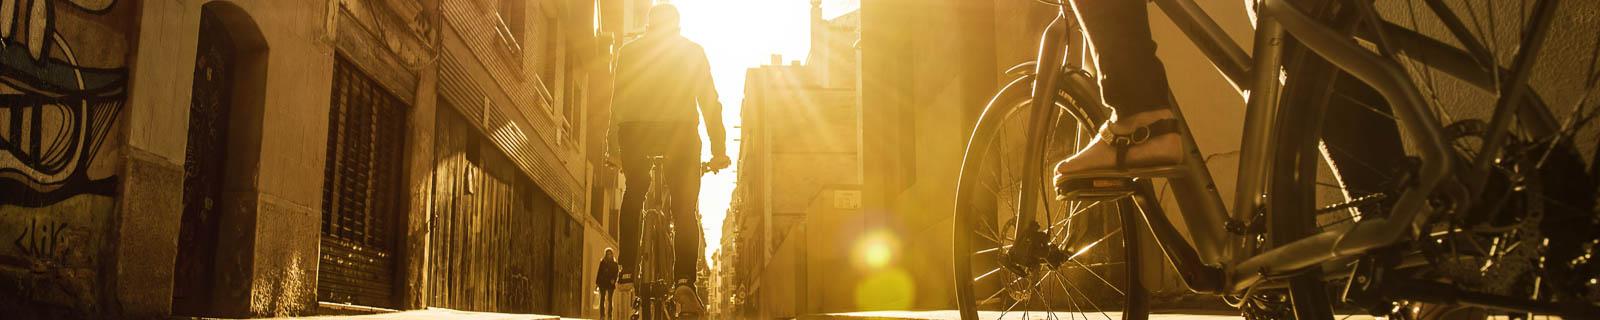 La mejor bicicleta para la ciudad y excursiones